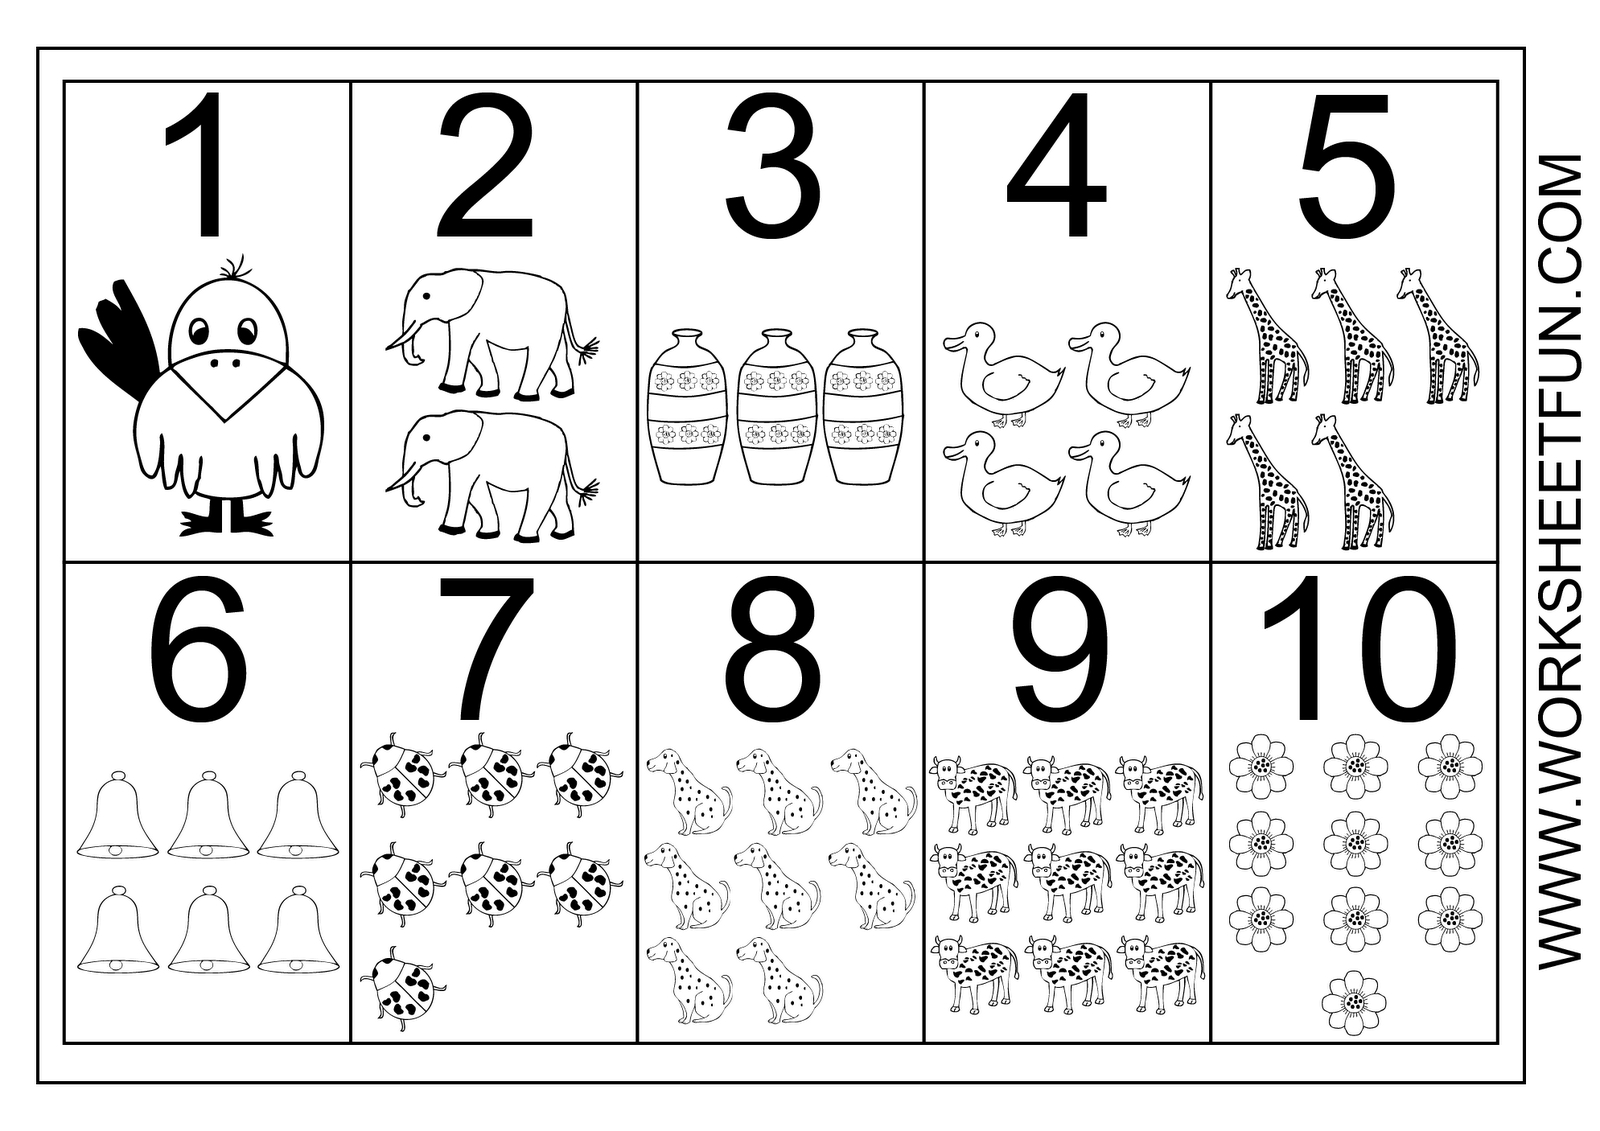 1-10 Worksheets | Numbers 1 10 Printable Worksheet | Teacher - Free Printable Numbers 1 10